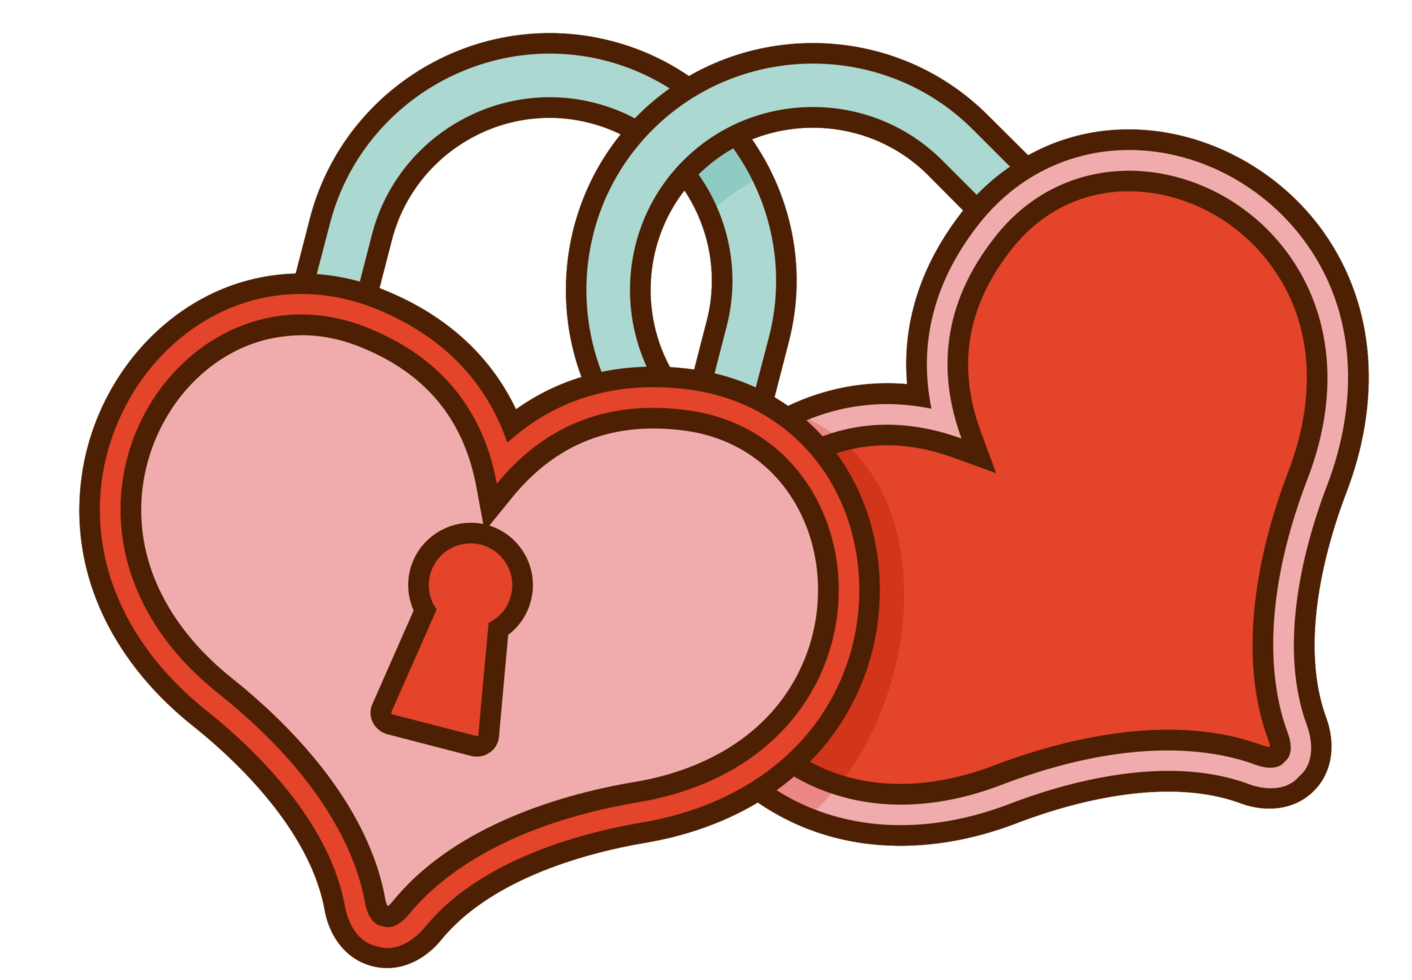 mariage de coeur verrouillé png